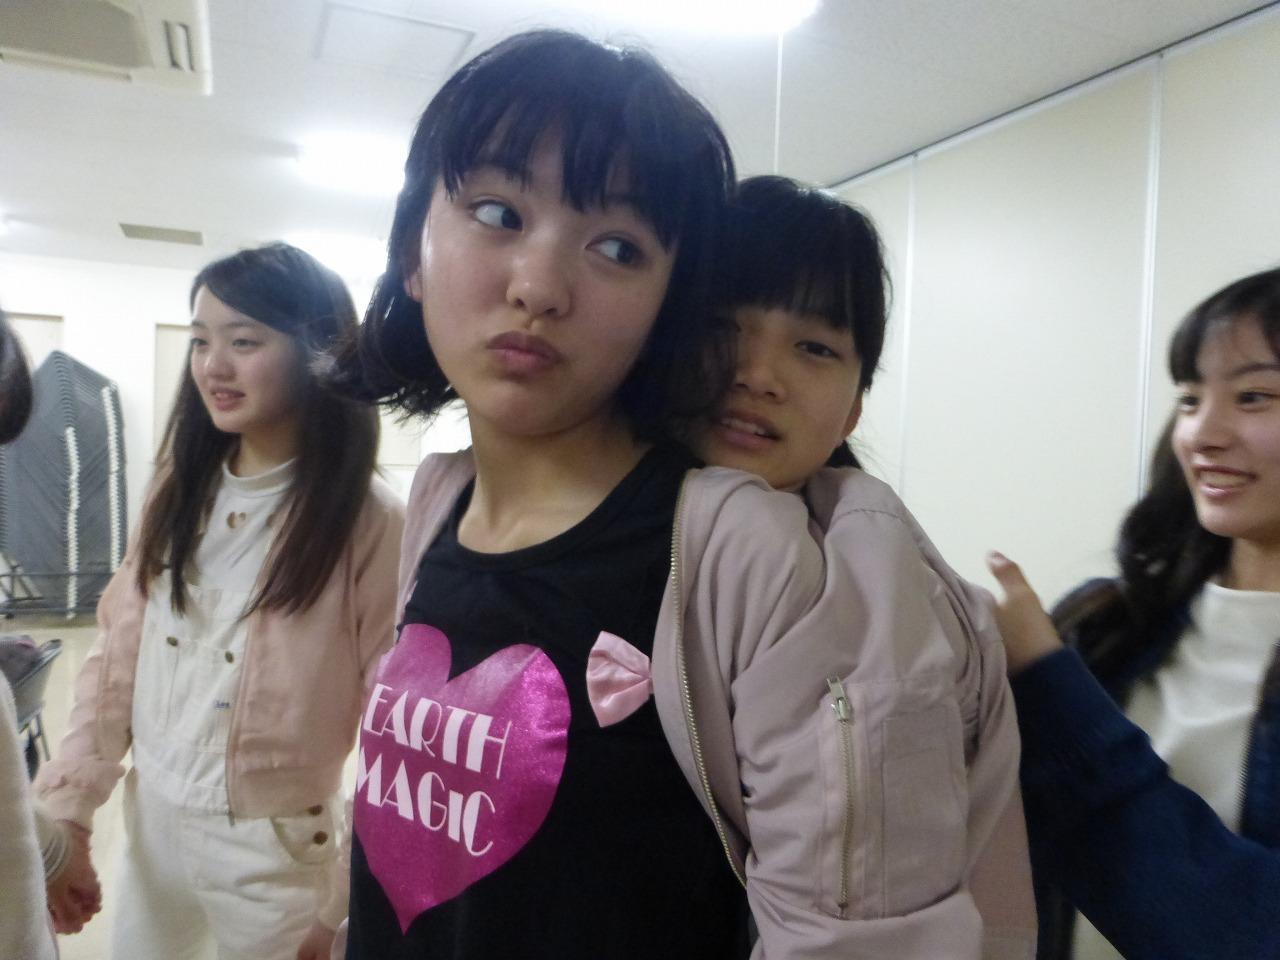 西垣が上田の服の中に入り込んでます。落ち着くらしい。(愛/理子/有彩/さくら)